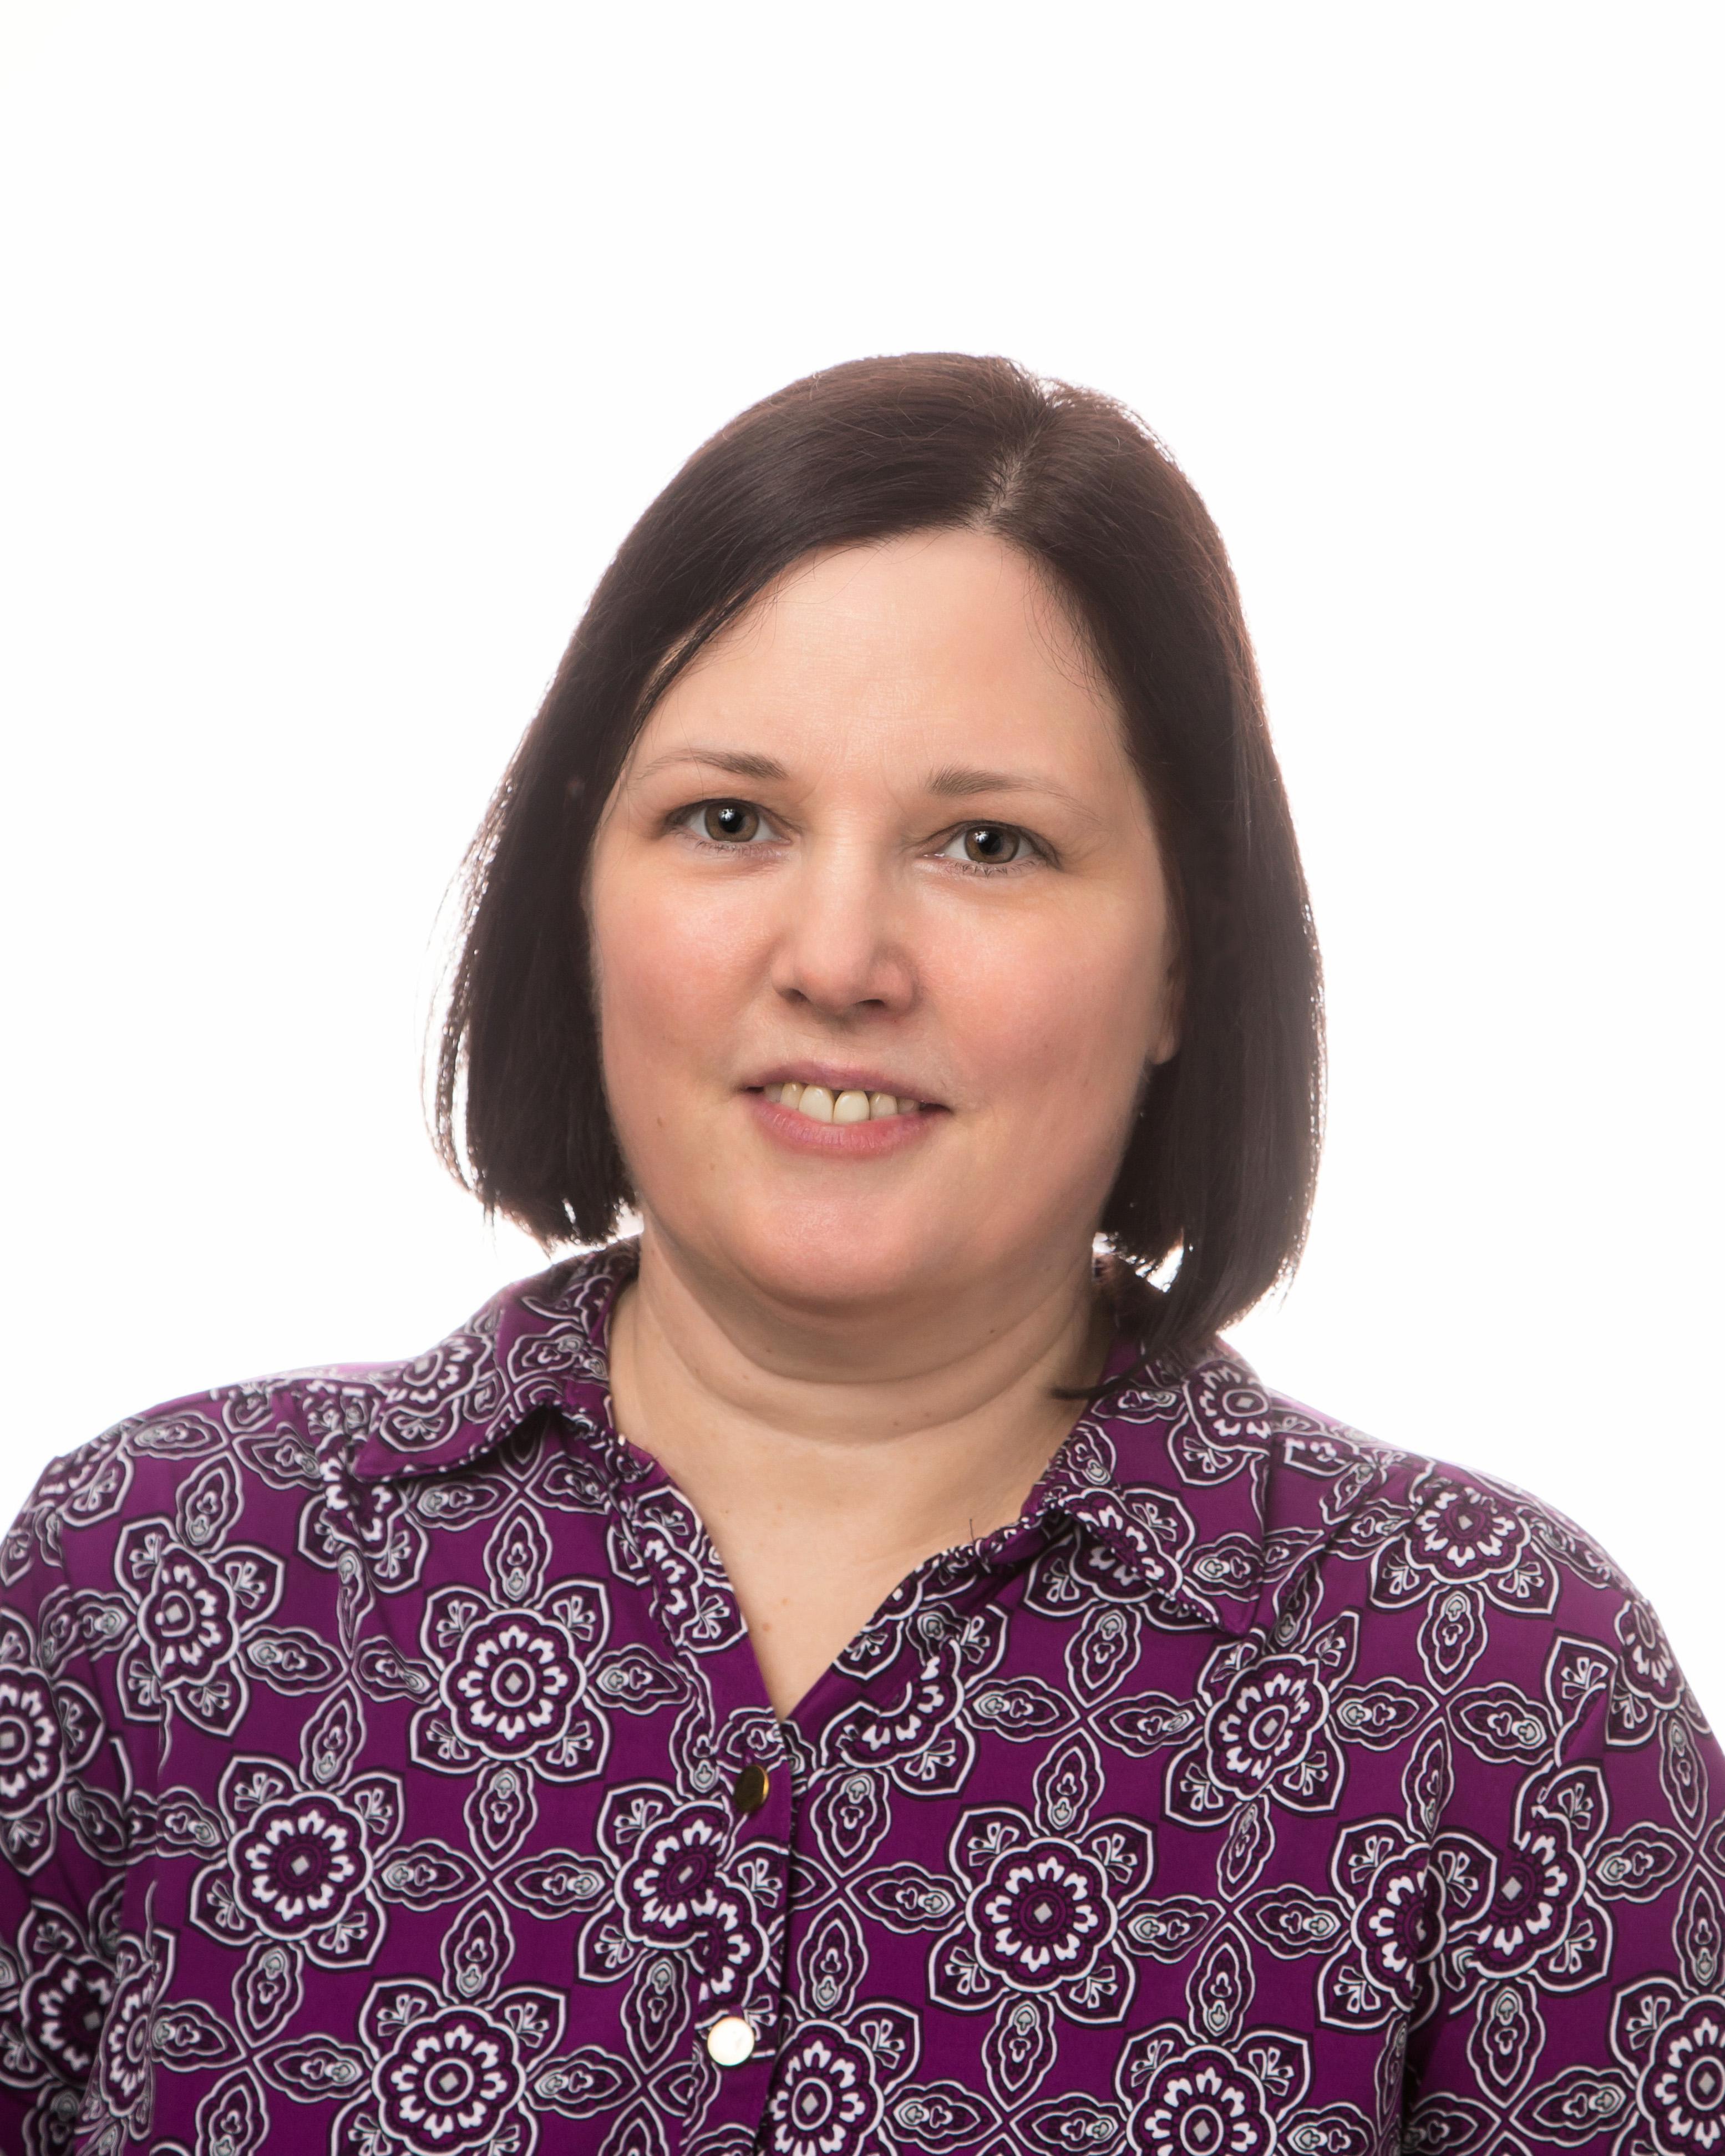 Darlene Hicks